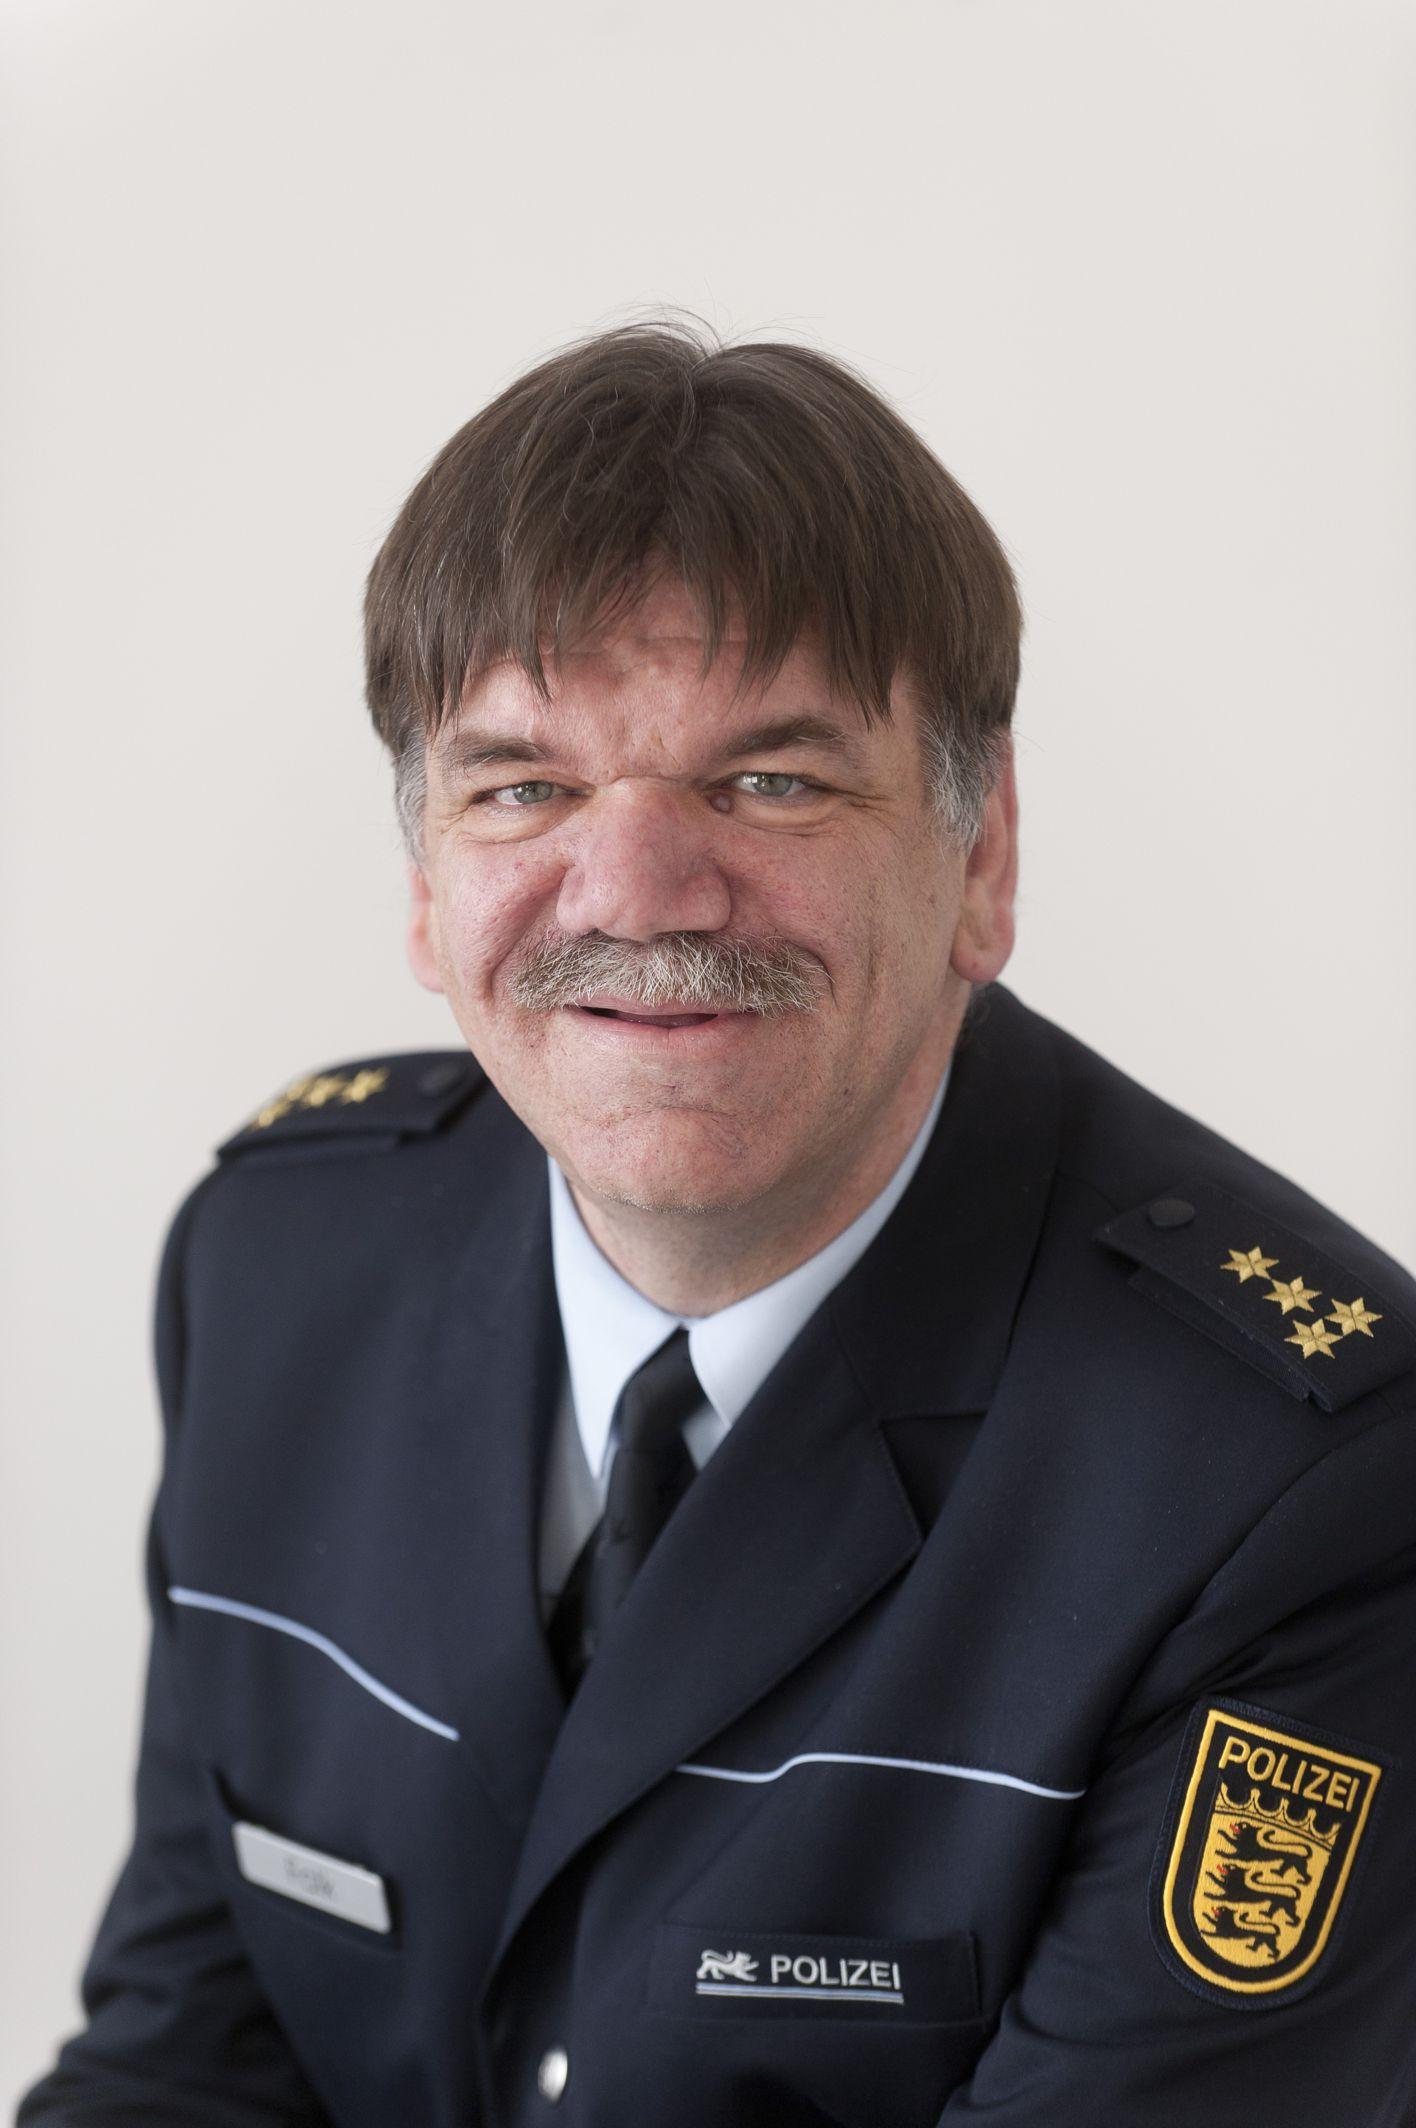 <b>...</b> Ltd. PD <b>Reinhard Renter</b> (JPG) <b>...</b> - falk_ekkehard